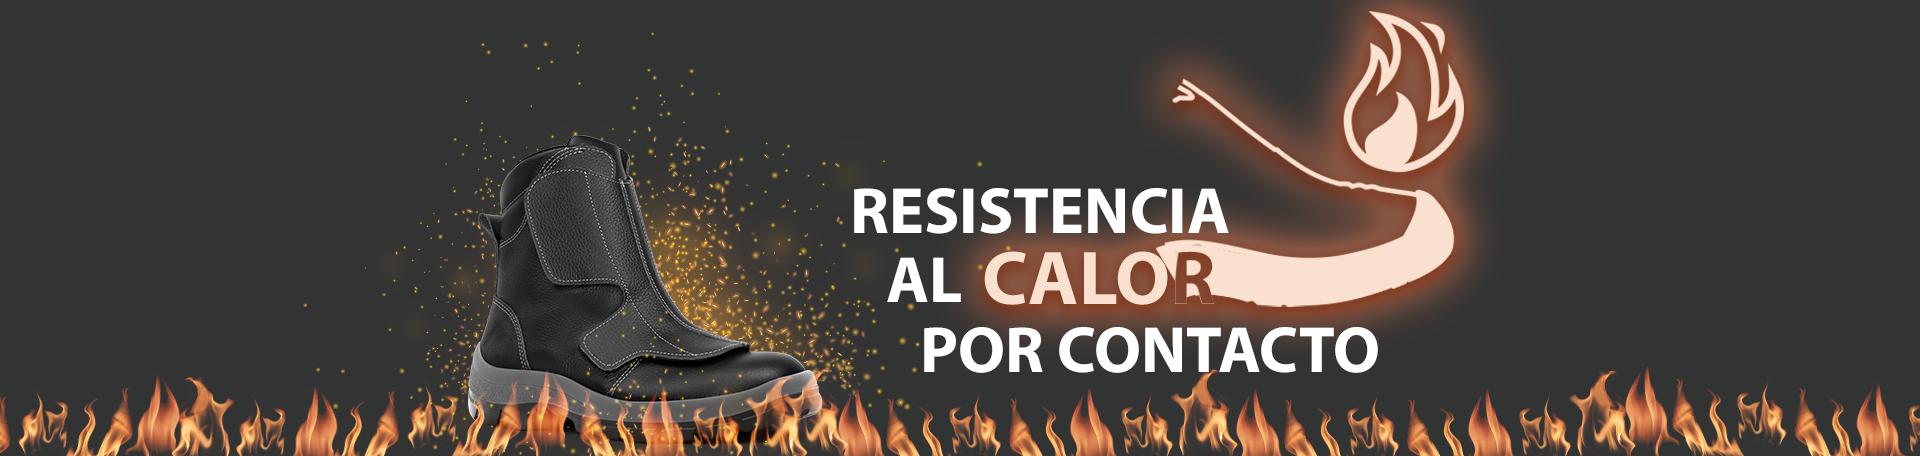 calzado de seguridad resistente al calor por contacto